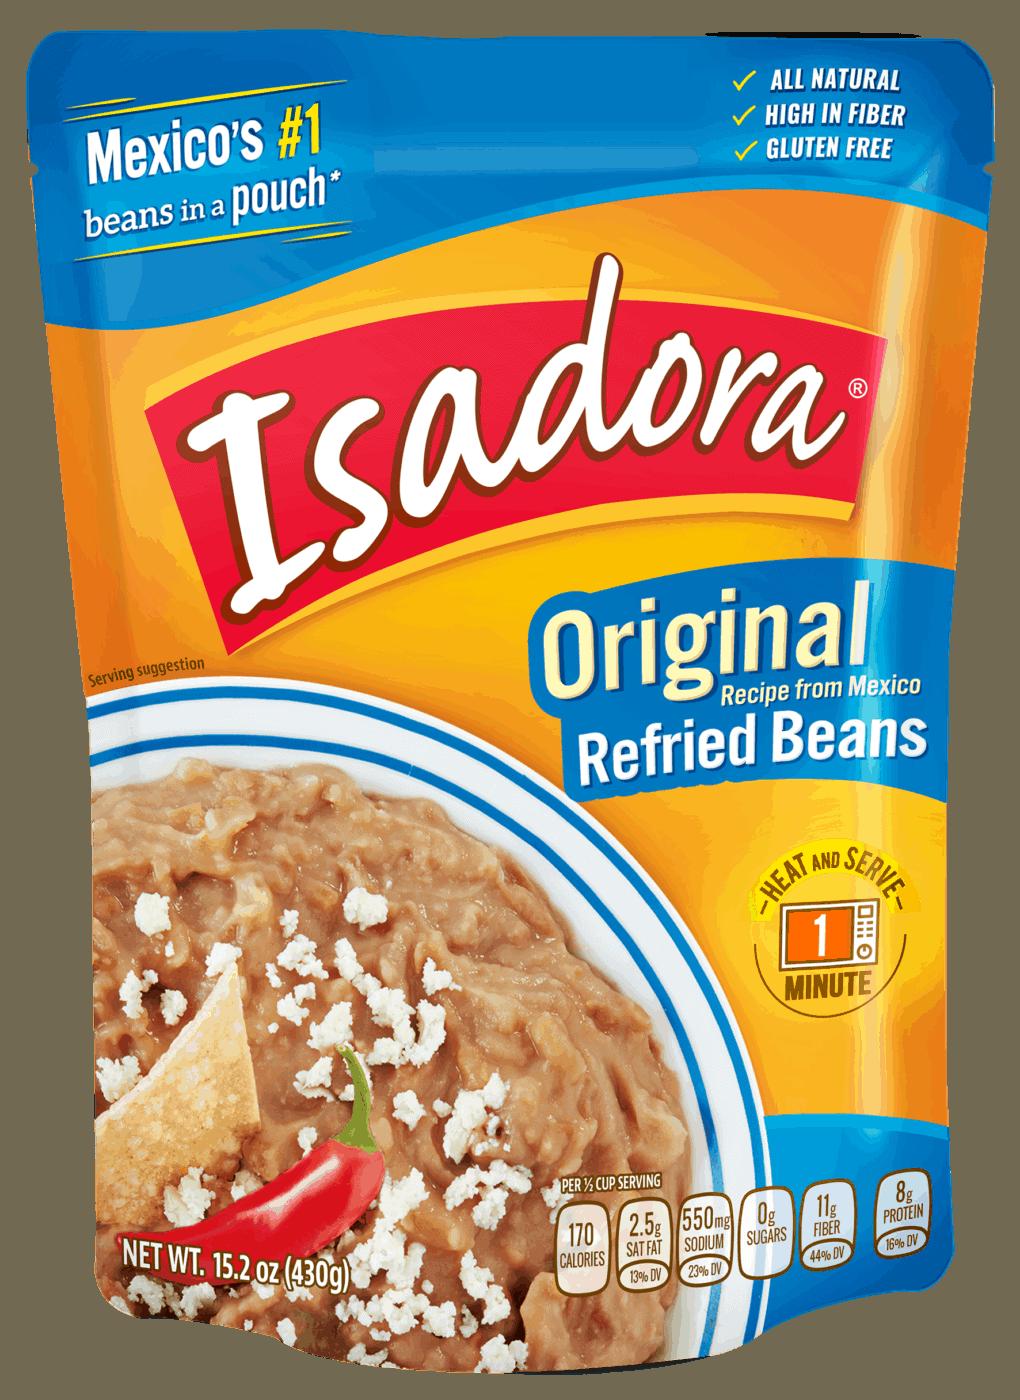 Isadora beans orginal recipe refried beans